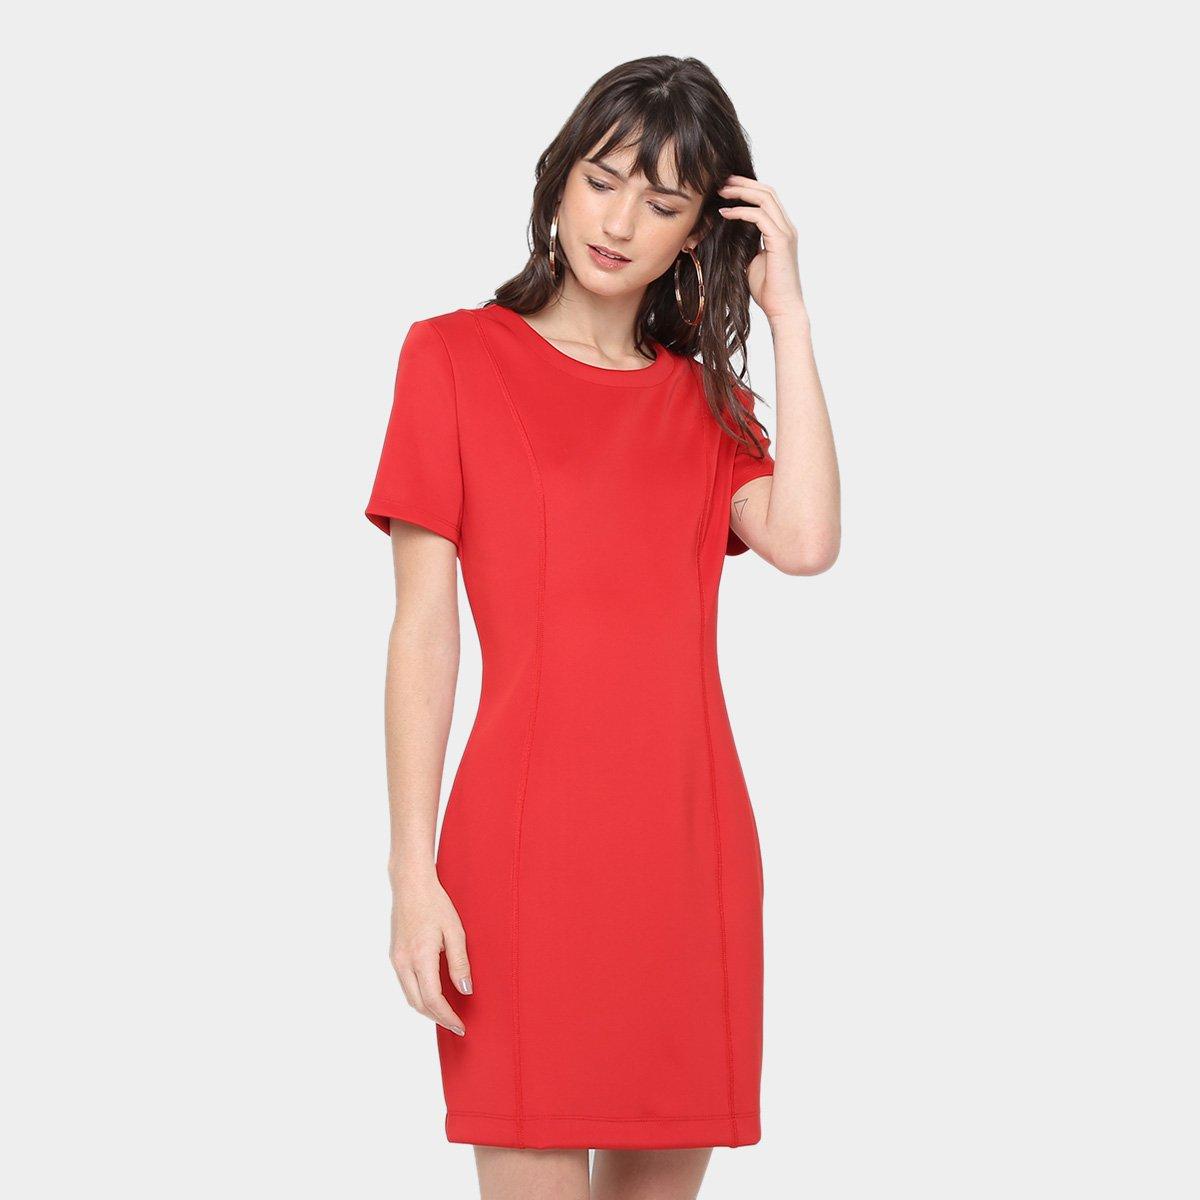 Vestido tubinho social vermelho